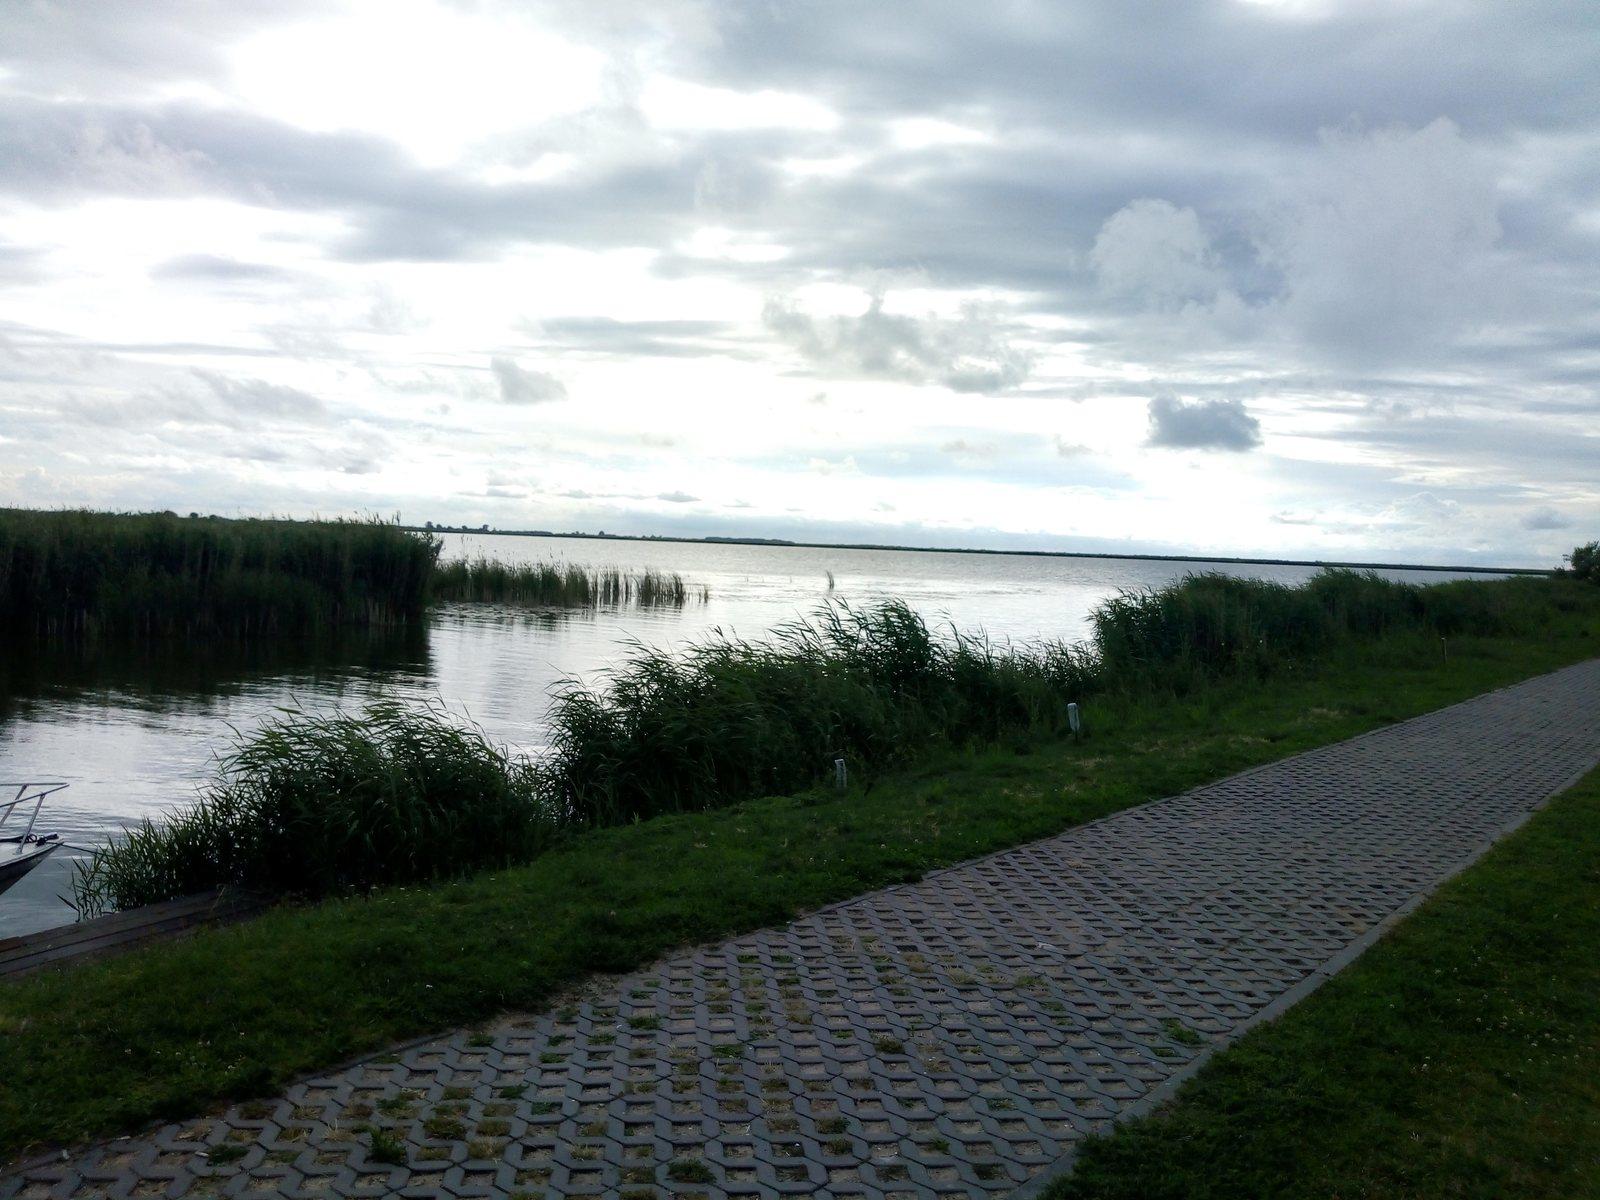 Widok na Zalew Wiślany ze stanicy wodnej w Nadbrzeżu